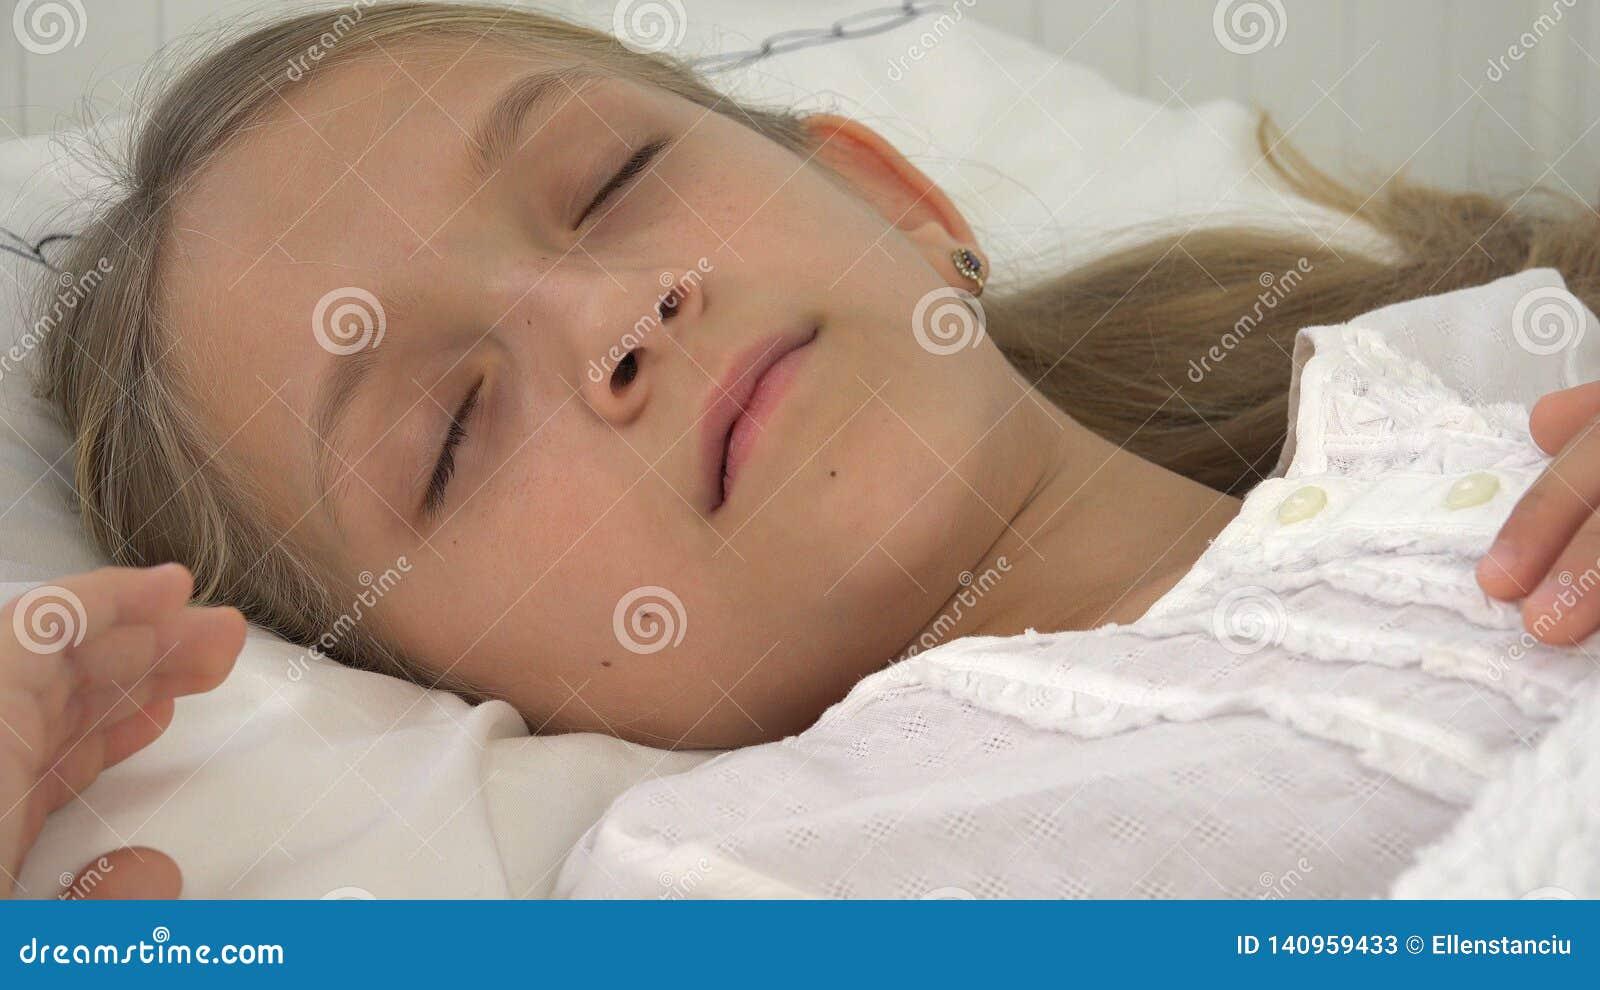 Άρρωστο παιδί στο κρεβάτι, άρρωστο παιδί με το θερμόμετρο, κορίτσι στο νοσοκομείο, ιατρική χαπιών